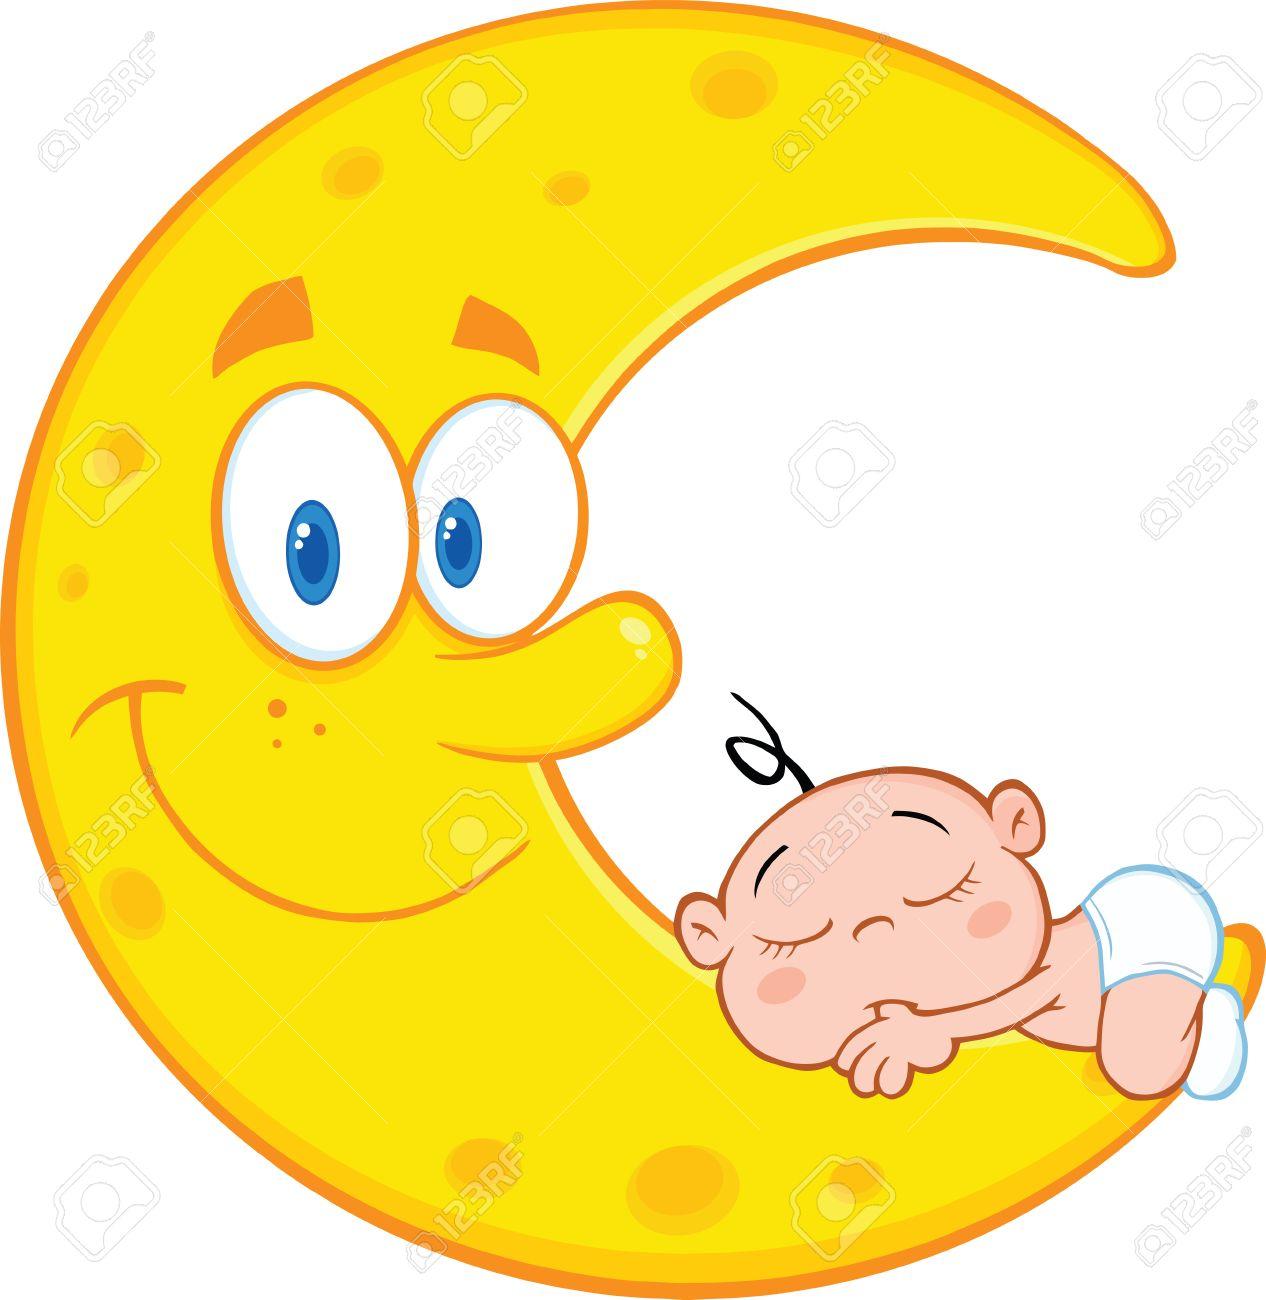 1266x1300 Cute Baby Boy Sleeps On The Smiling Moon Cartoon Characters